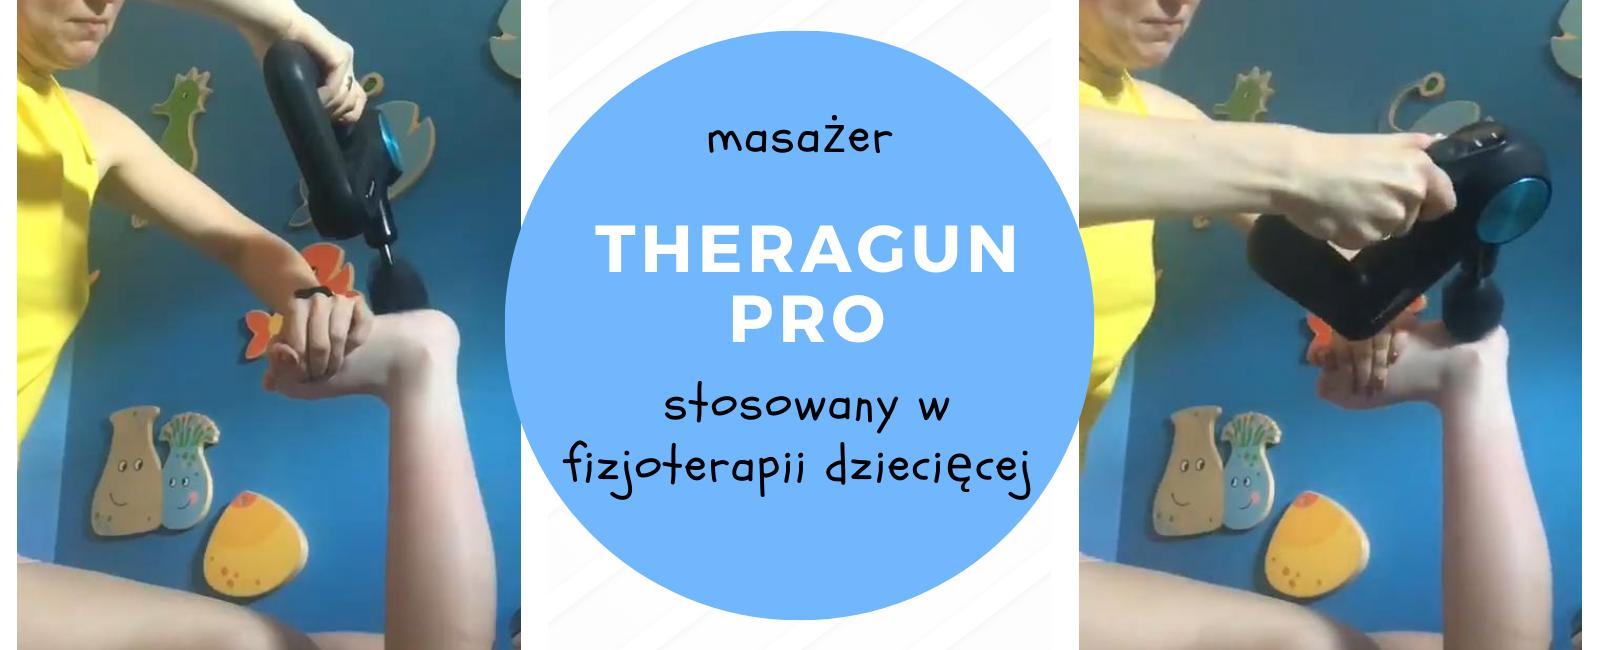 Masazer Z Koncowkami Do Masazu I Terapii Dzieci Theragun Pro.jpg